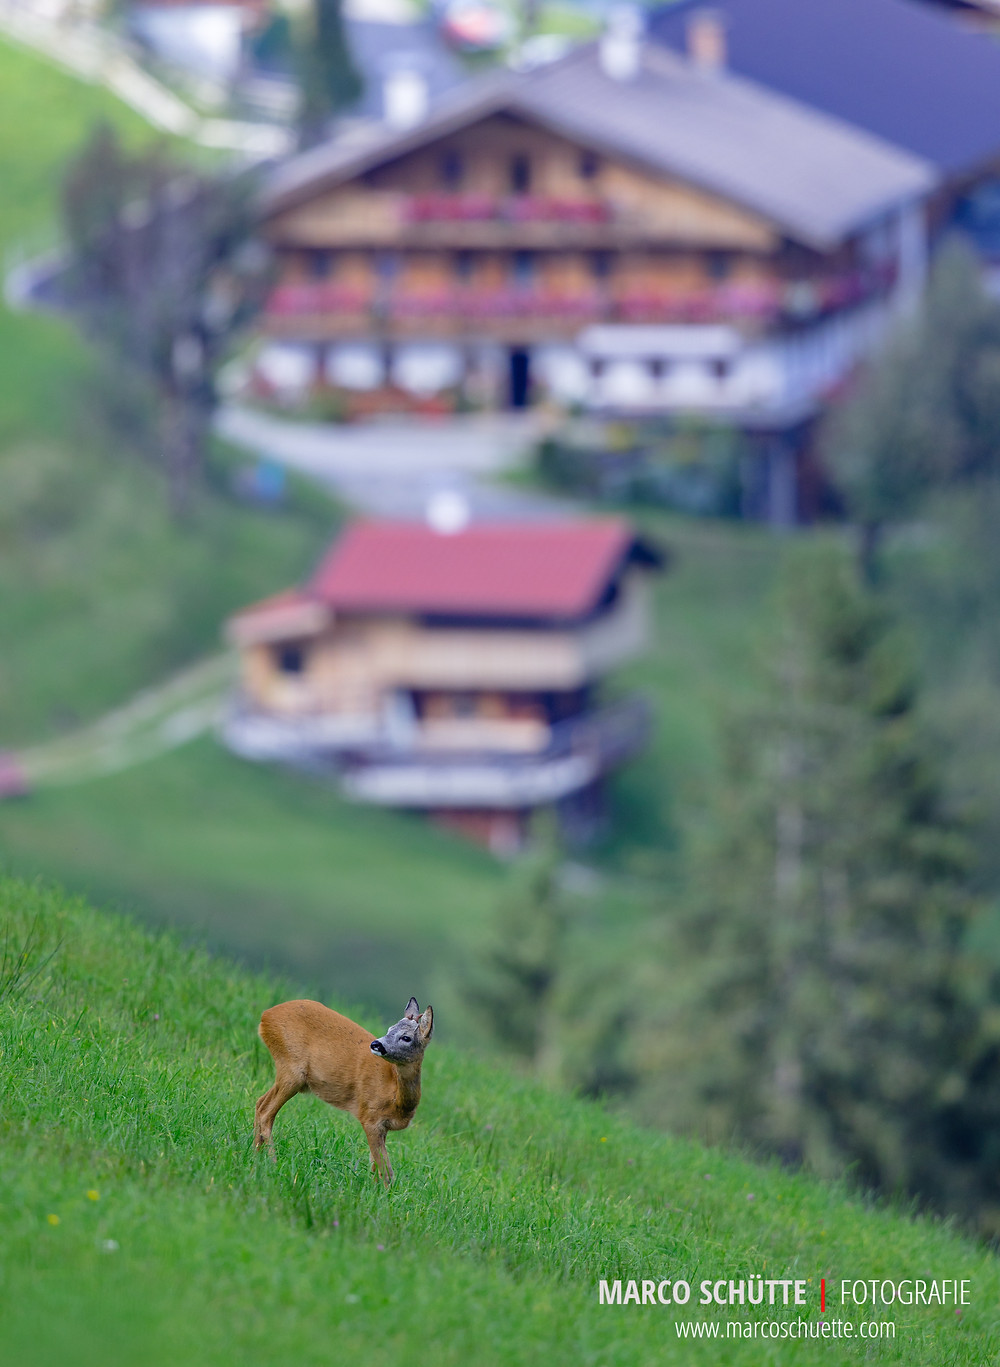 Der selbe Rehbock vor einem typischen Tiroler Bauernhof.